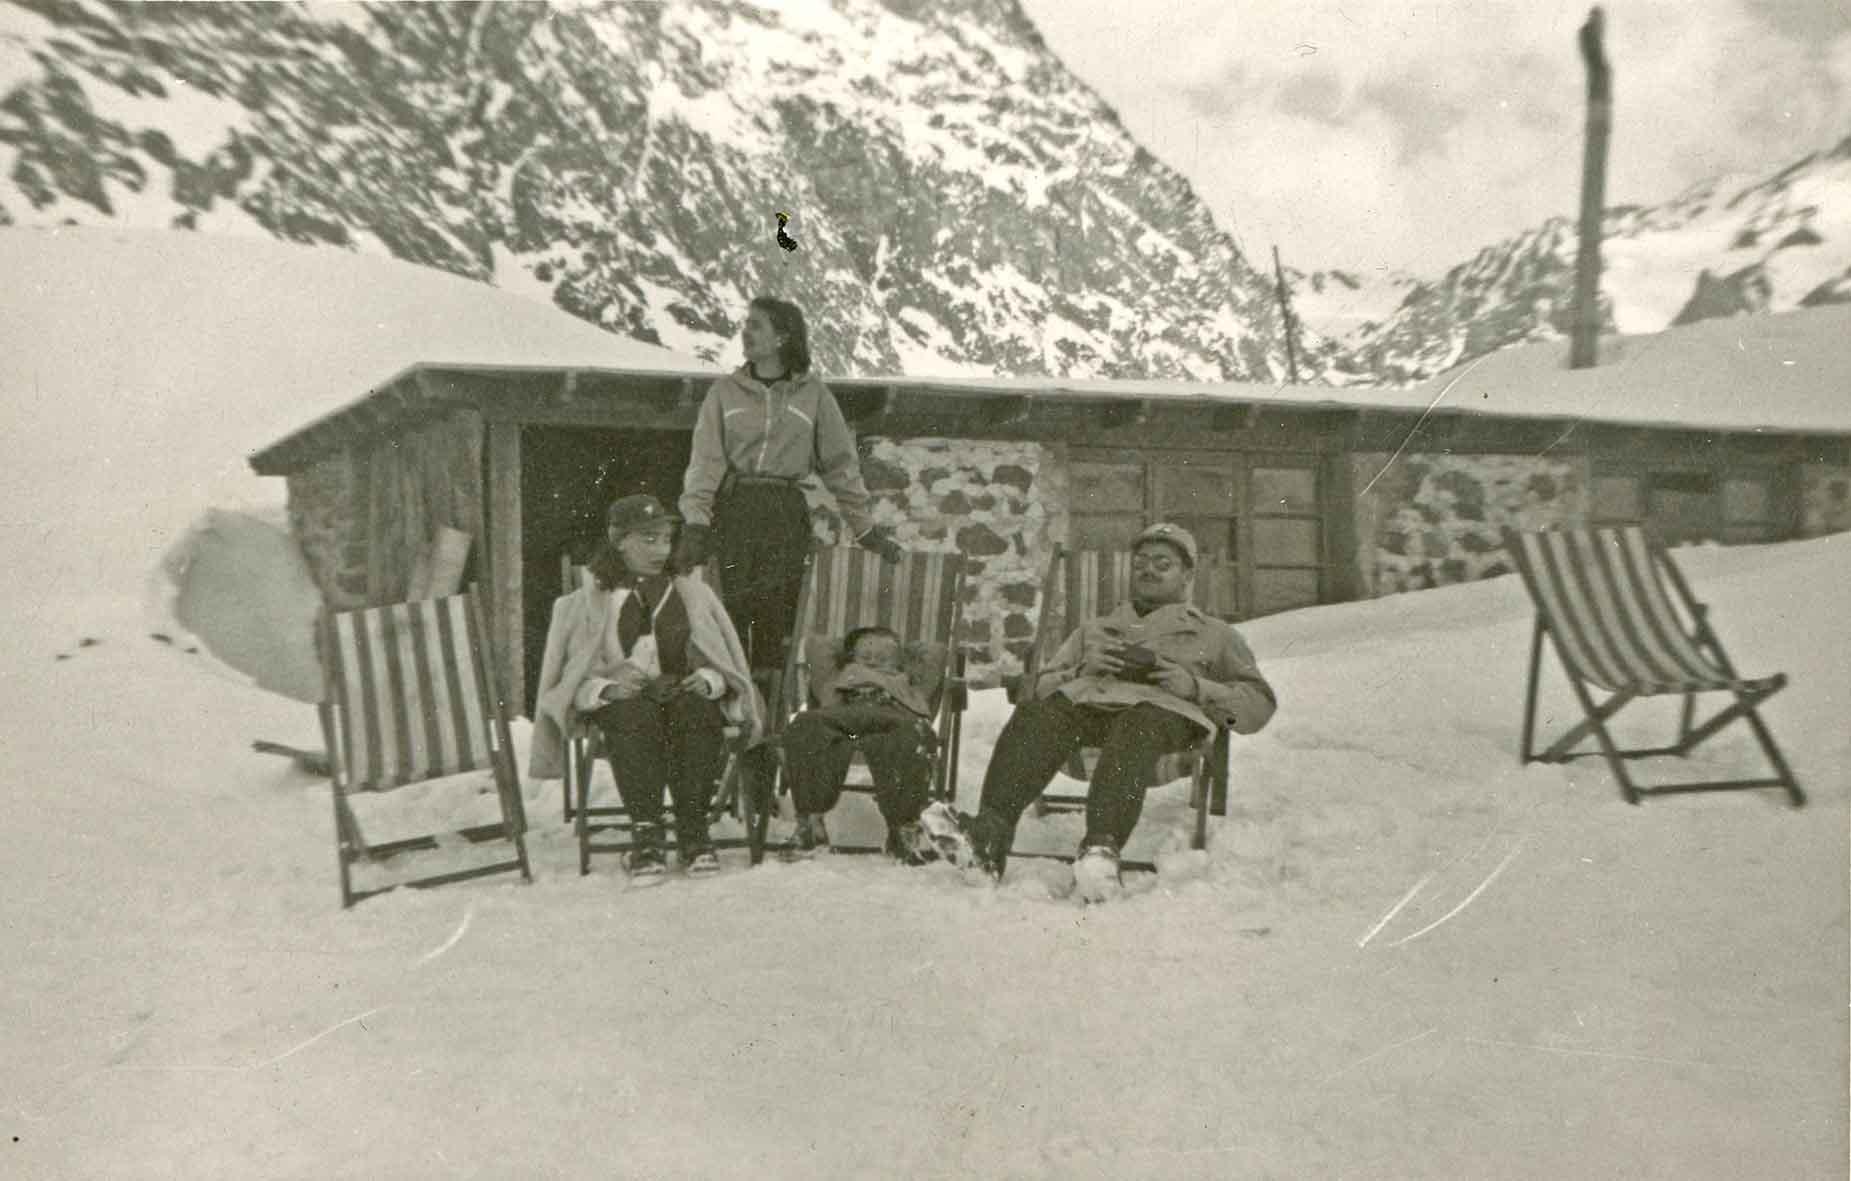 Enterreno - Fotos históricas de chile - fotos antiguas de Chile - Refugio de Montaña, ca. 1940